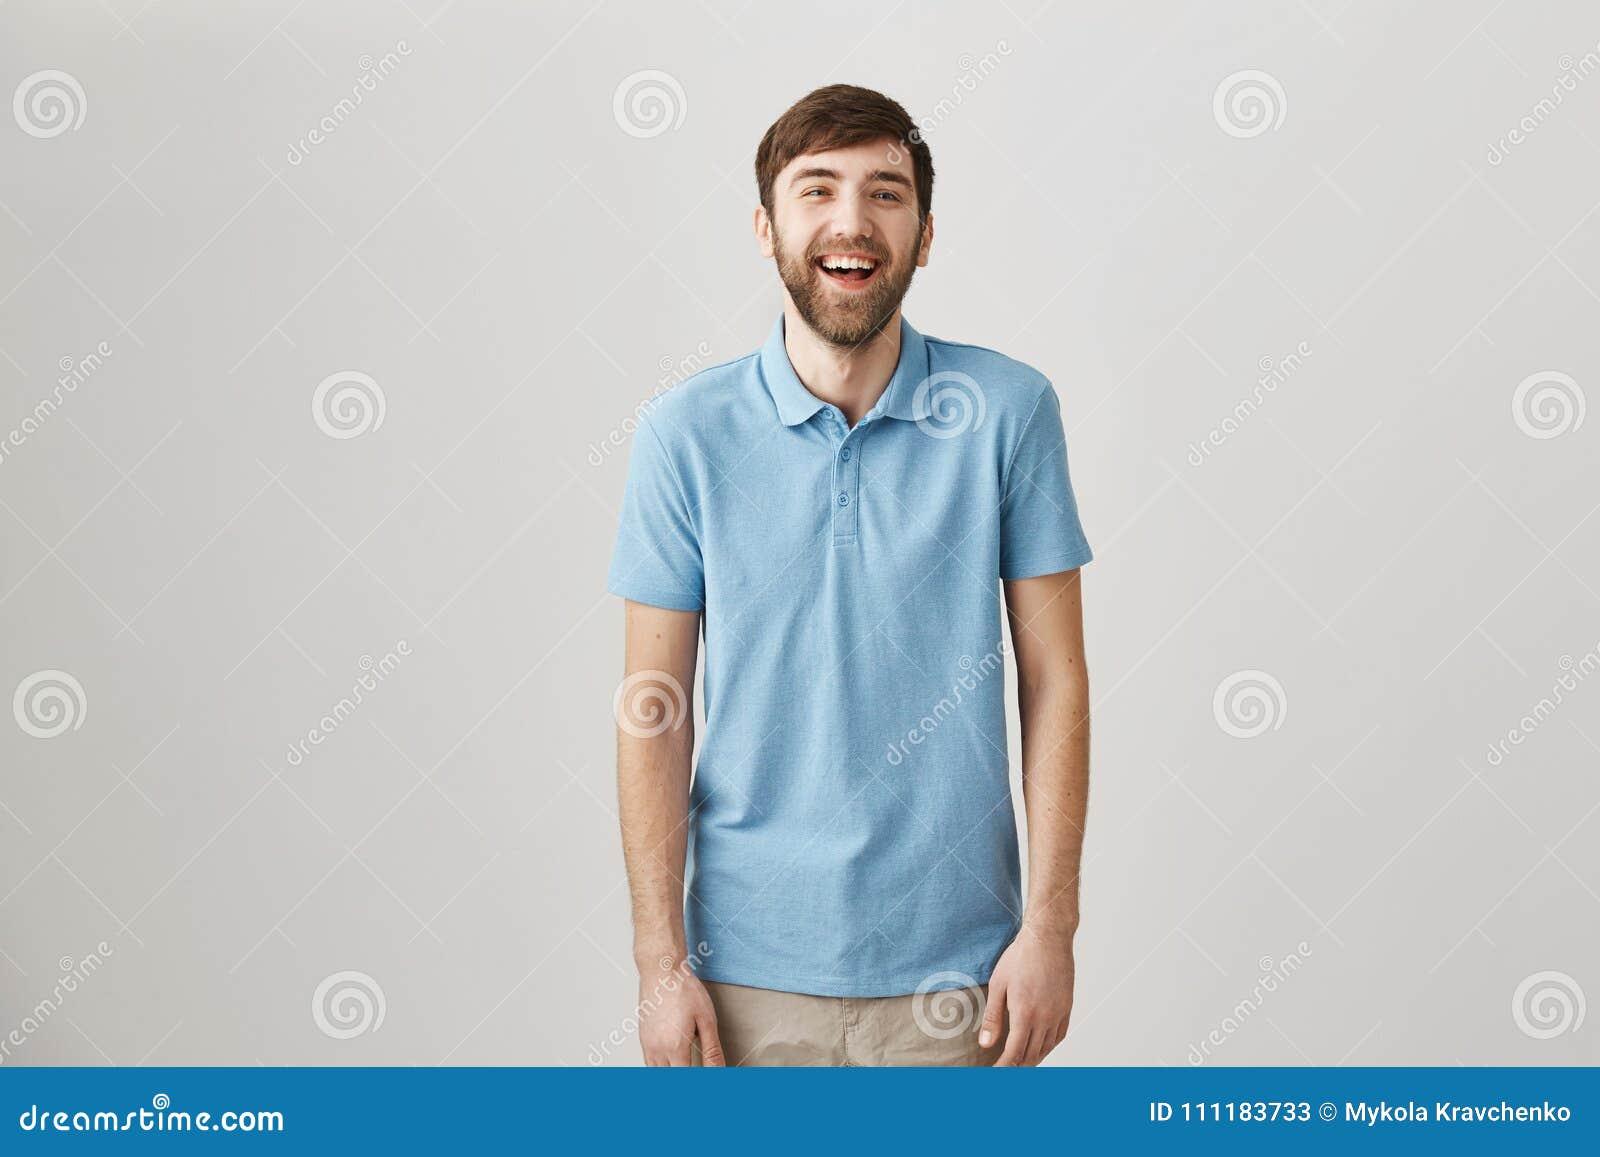 Sinne för humor gör mannen unik Stående av den spensliga vanliga caucasian grabben med skägget och mustaschen som skrattar och